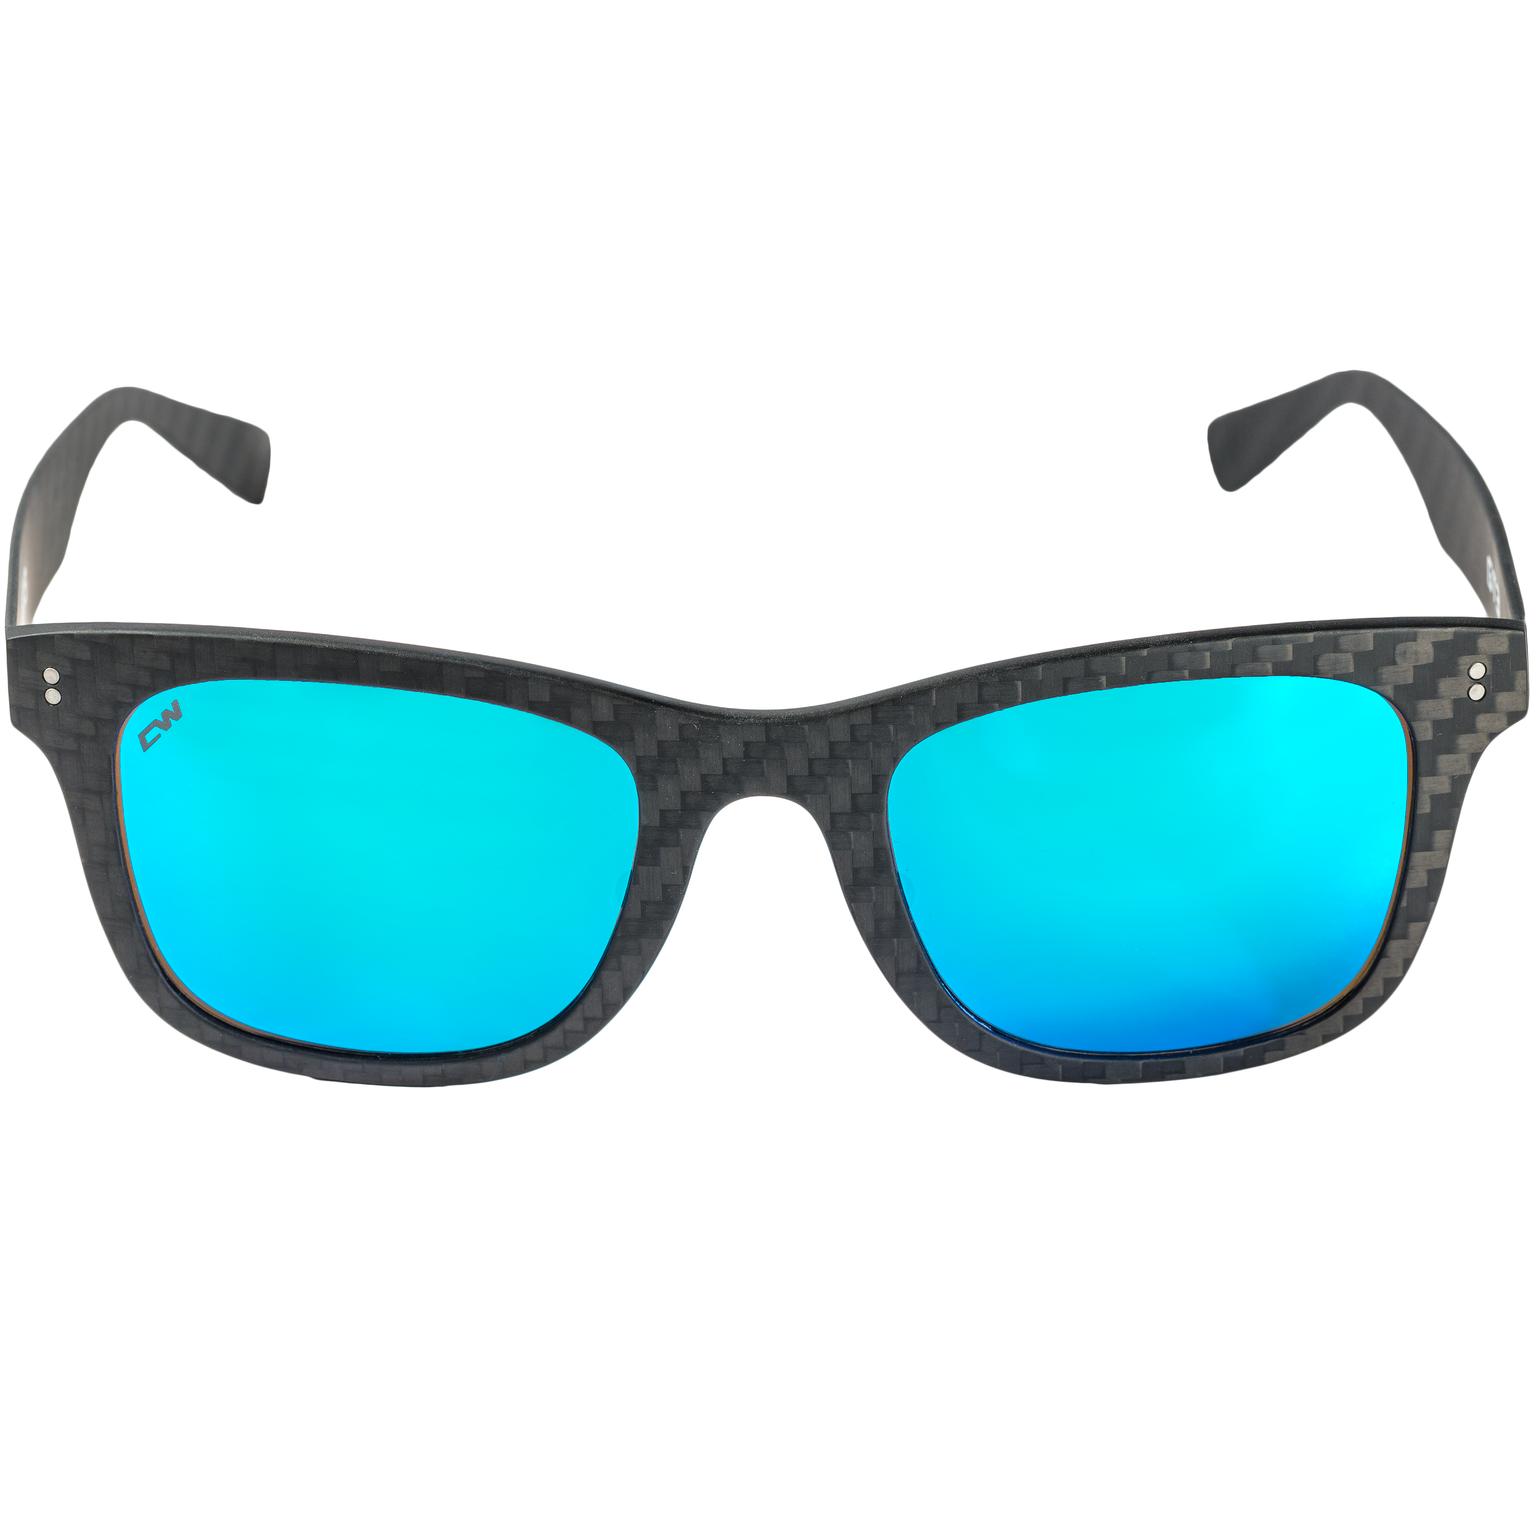 image lafont glasses eyewear bmw retailer paris close com authorized sunglasses designer get jamaique coolframes zoom